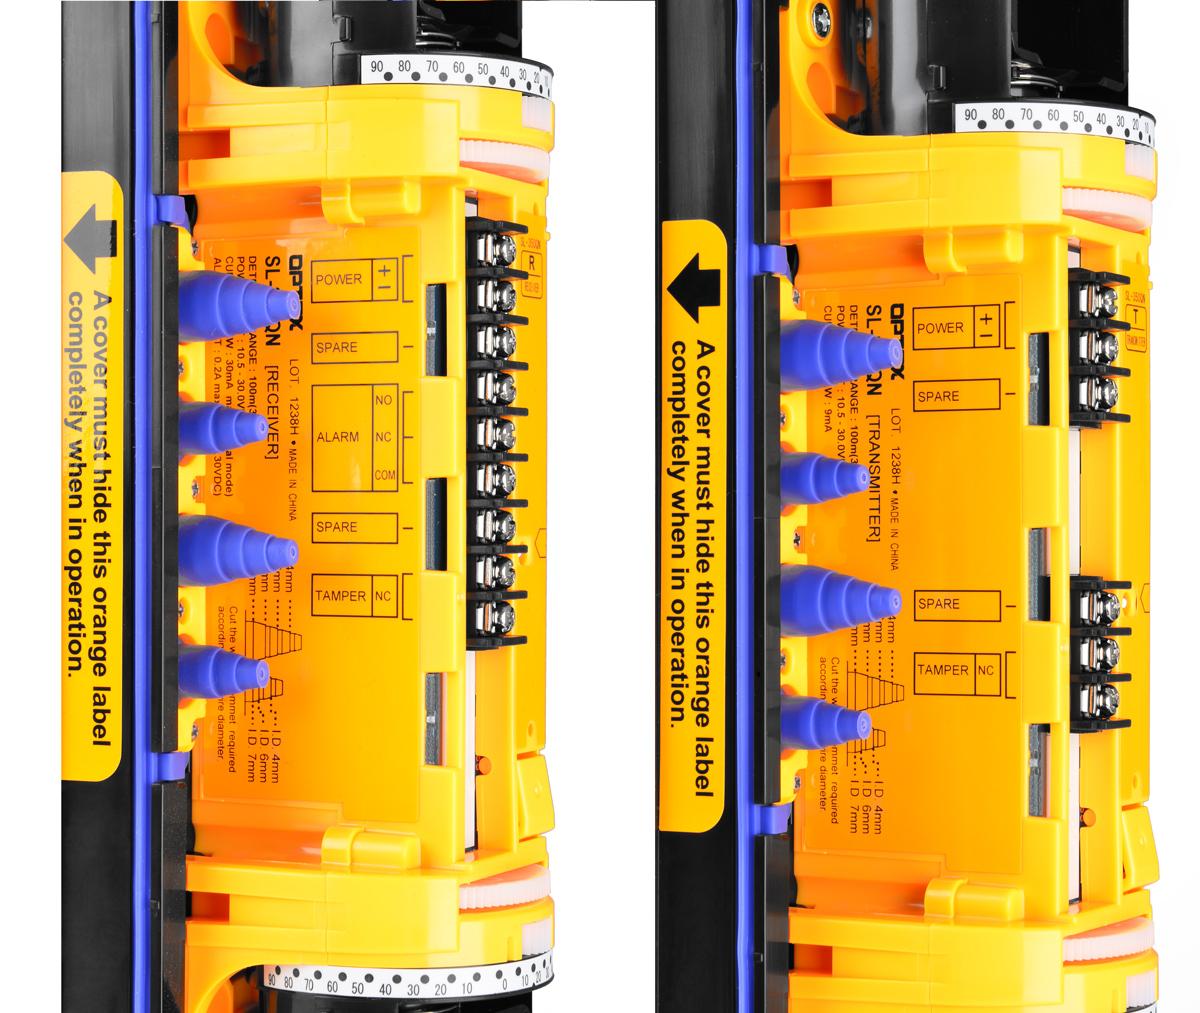 Zaciski śrubowe umożliwiają łatwe podłączenie przewodów